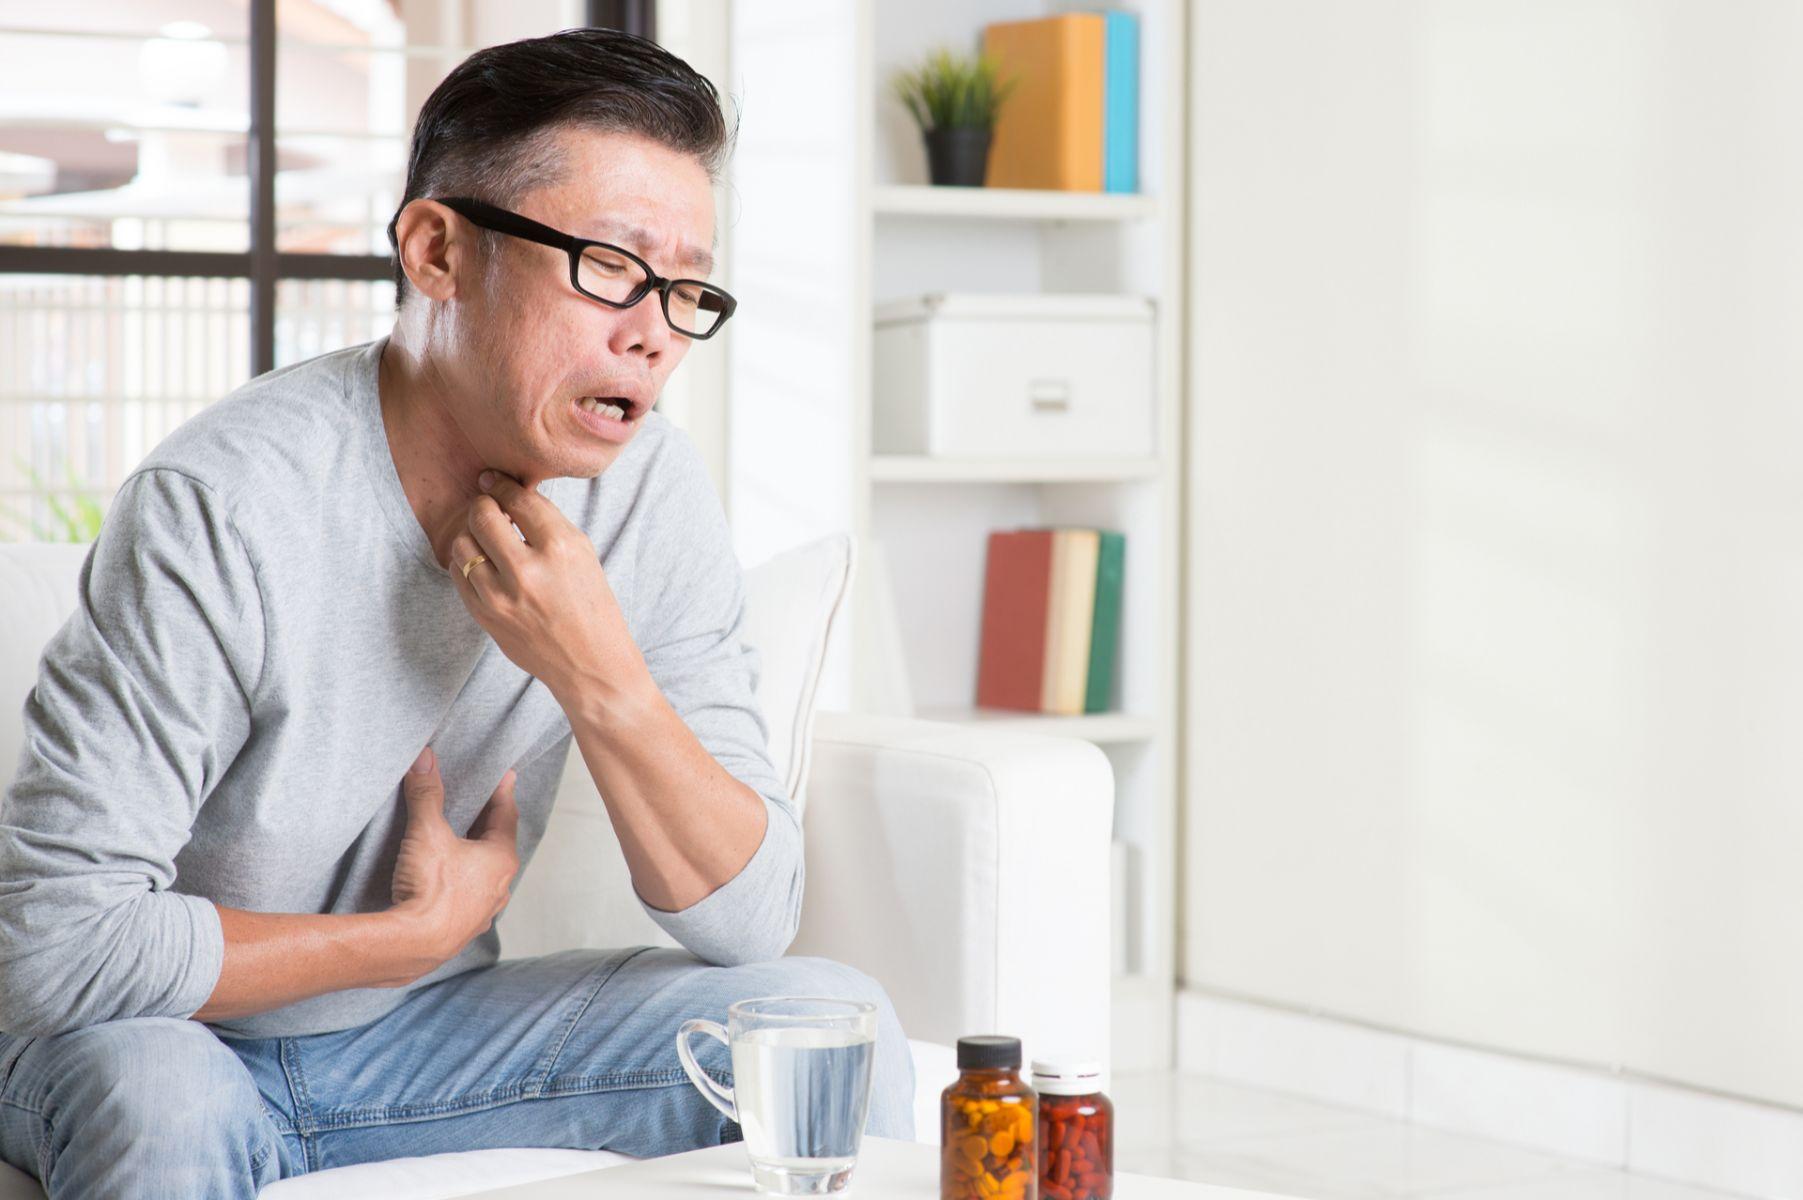 久咳、多痰別輕忽!「肺中風」會導致肺功能急速衰退